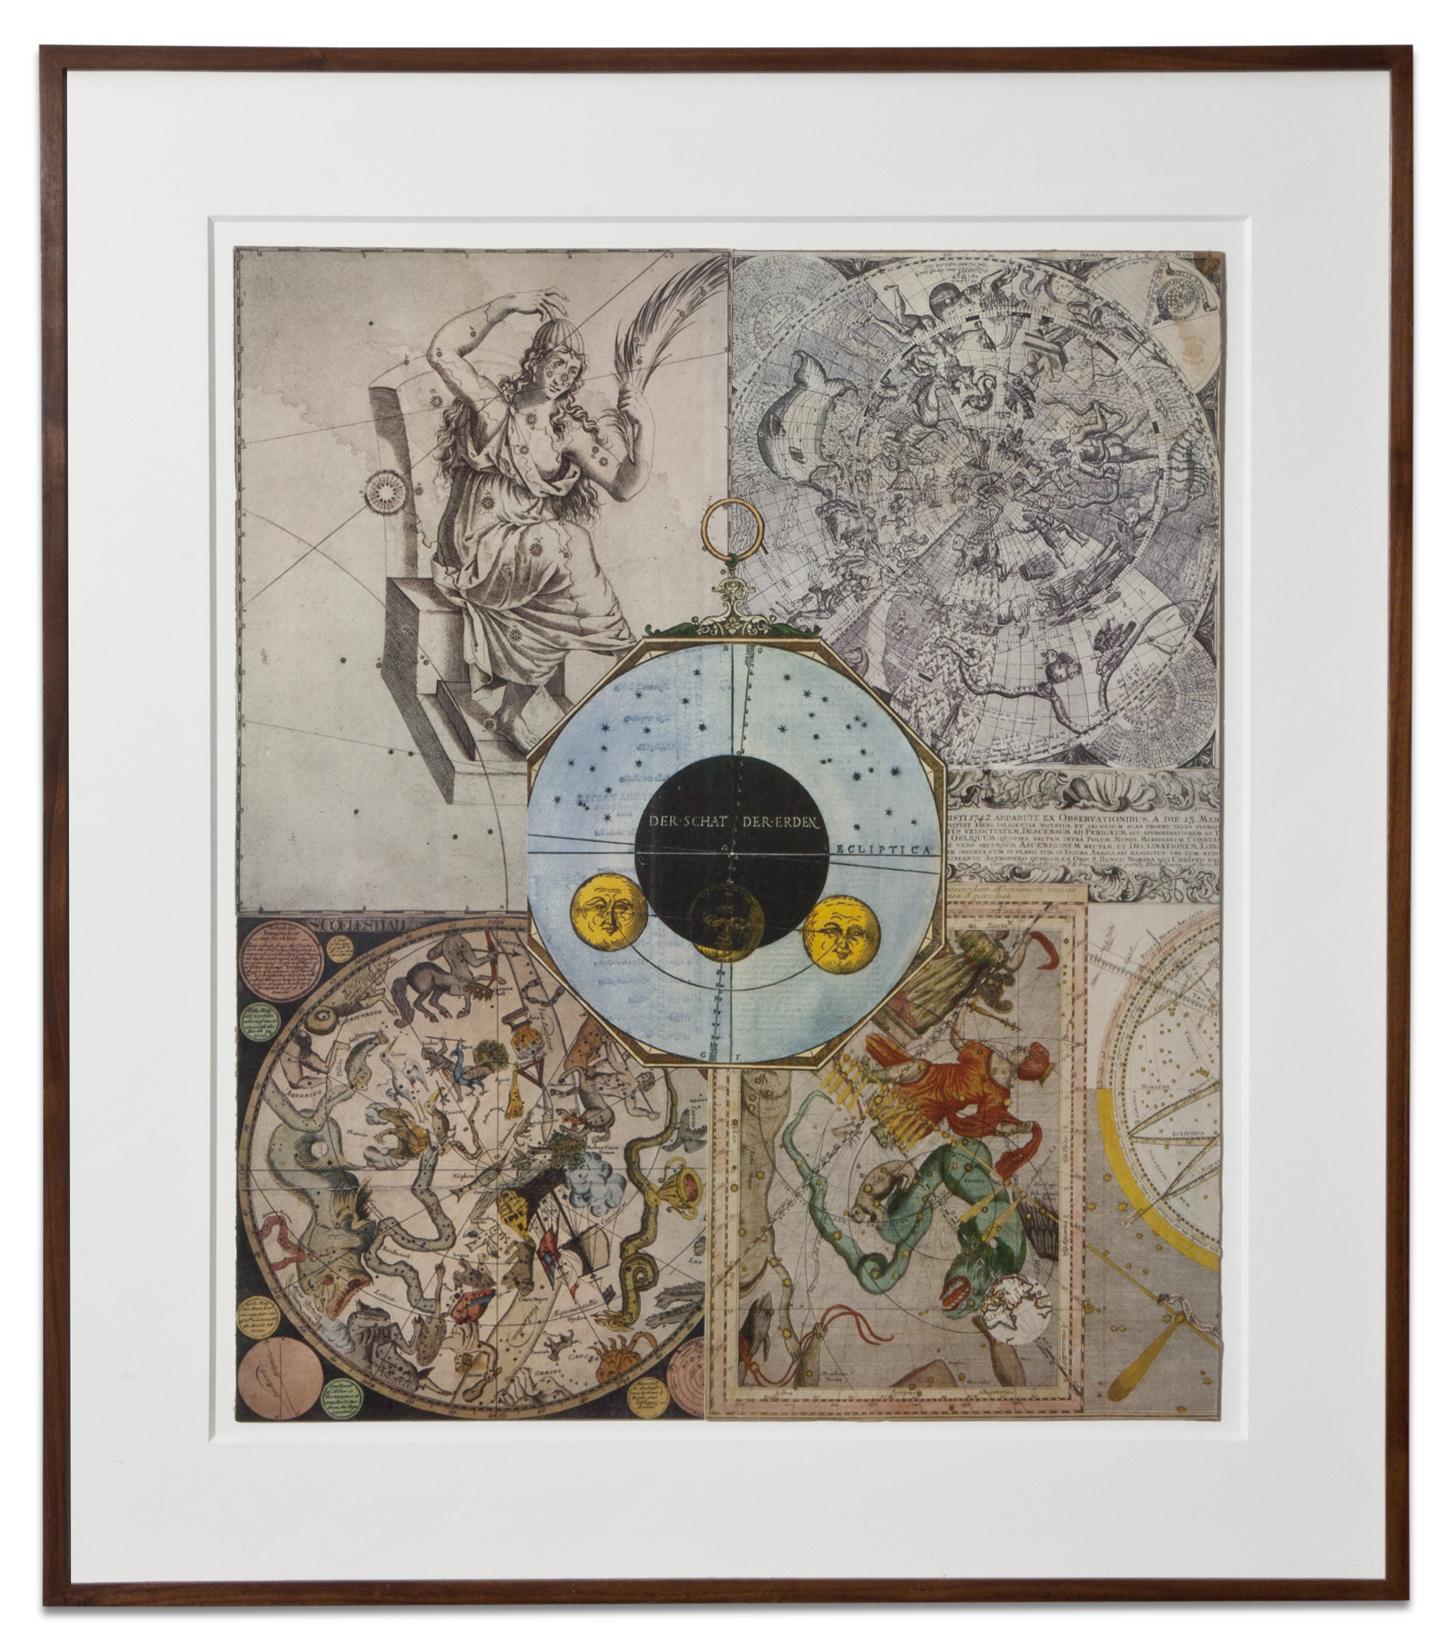 Lawrence Jordan, DER SCHAT DER ERDEN, 2014, collage, 24 X 20 inches